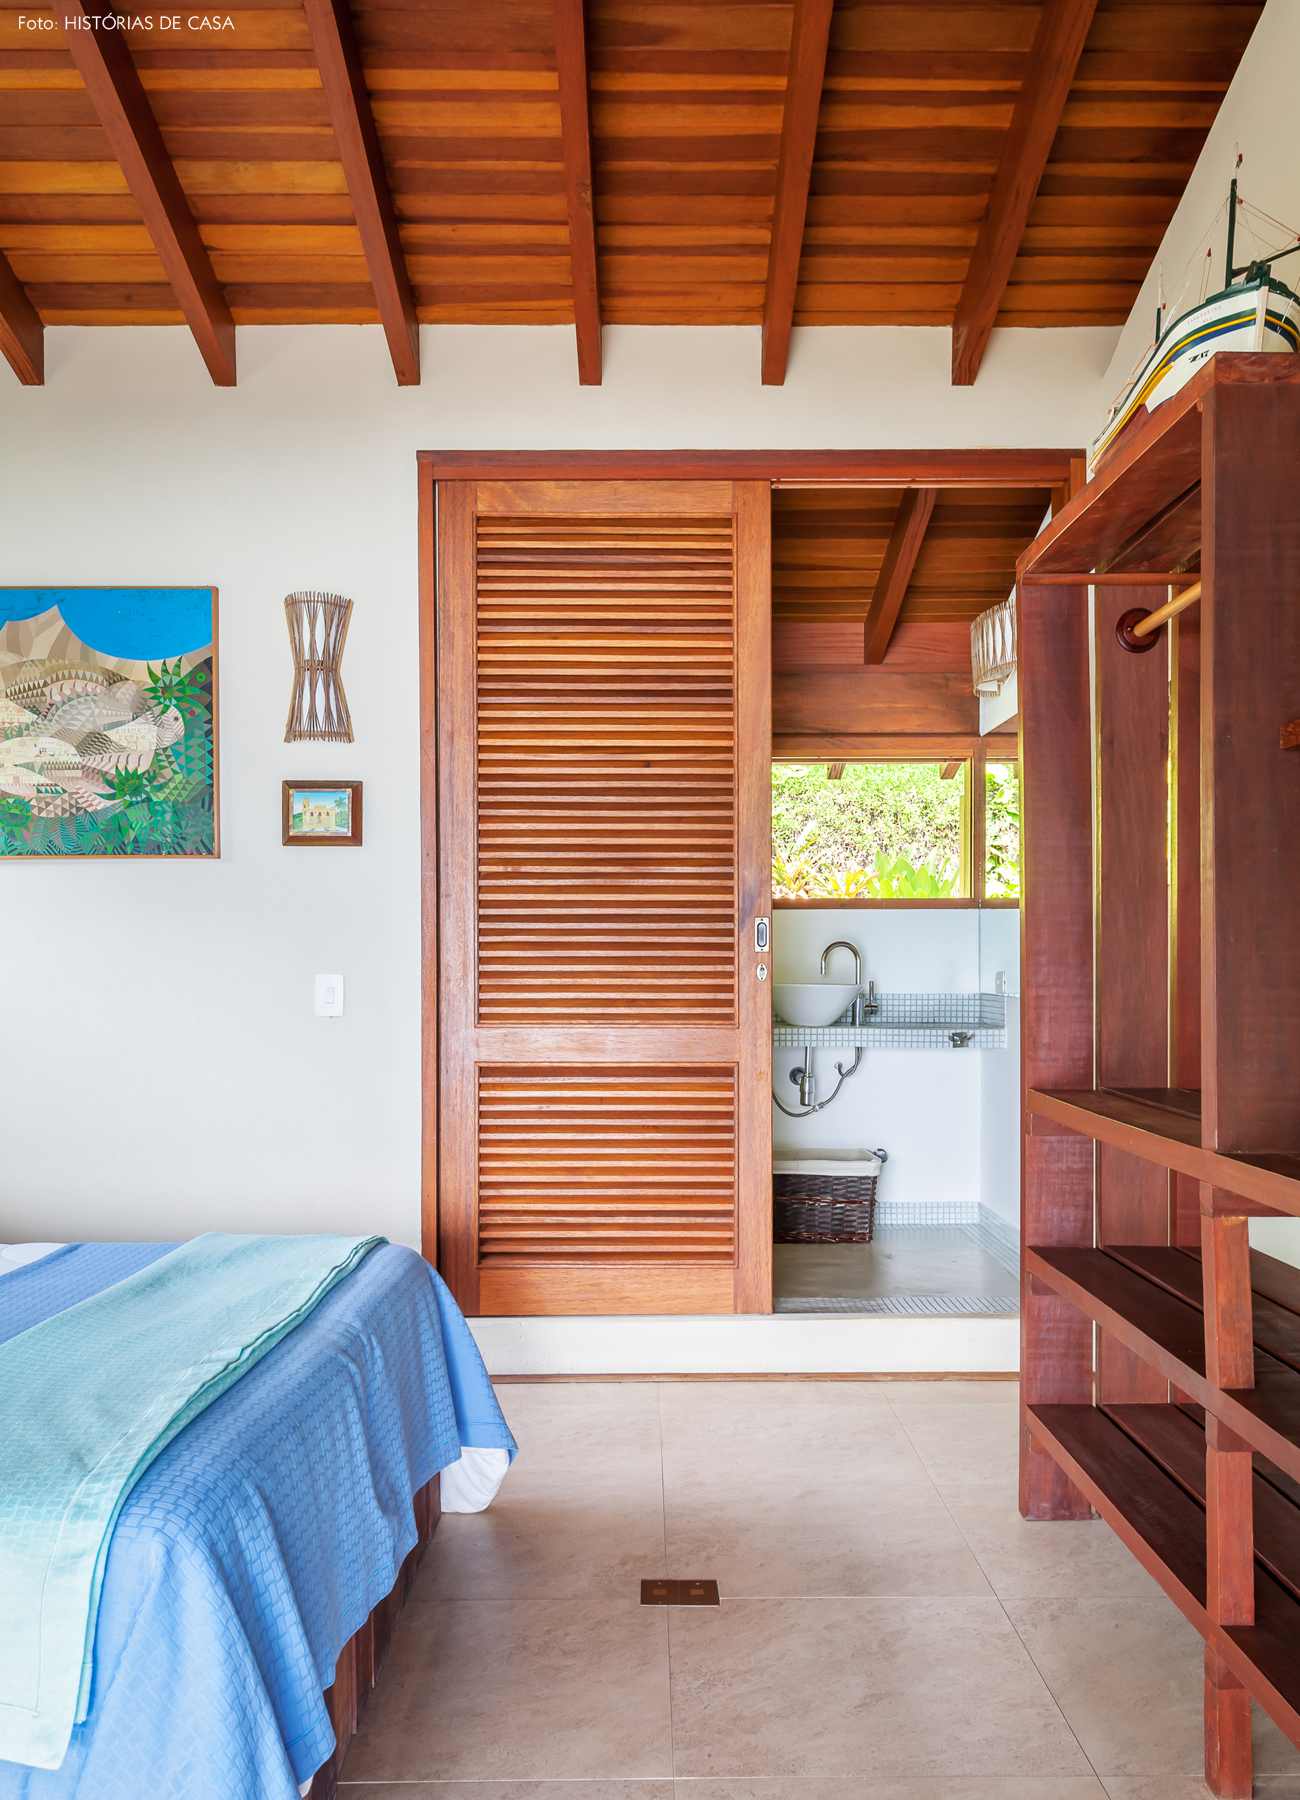 29-decoracao-casa-de-praia-de-madeira-quarto-com-banheiro